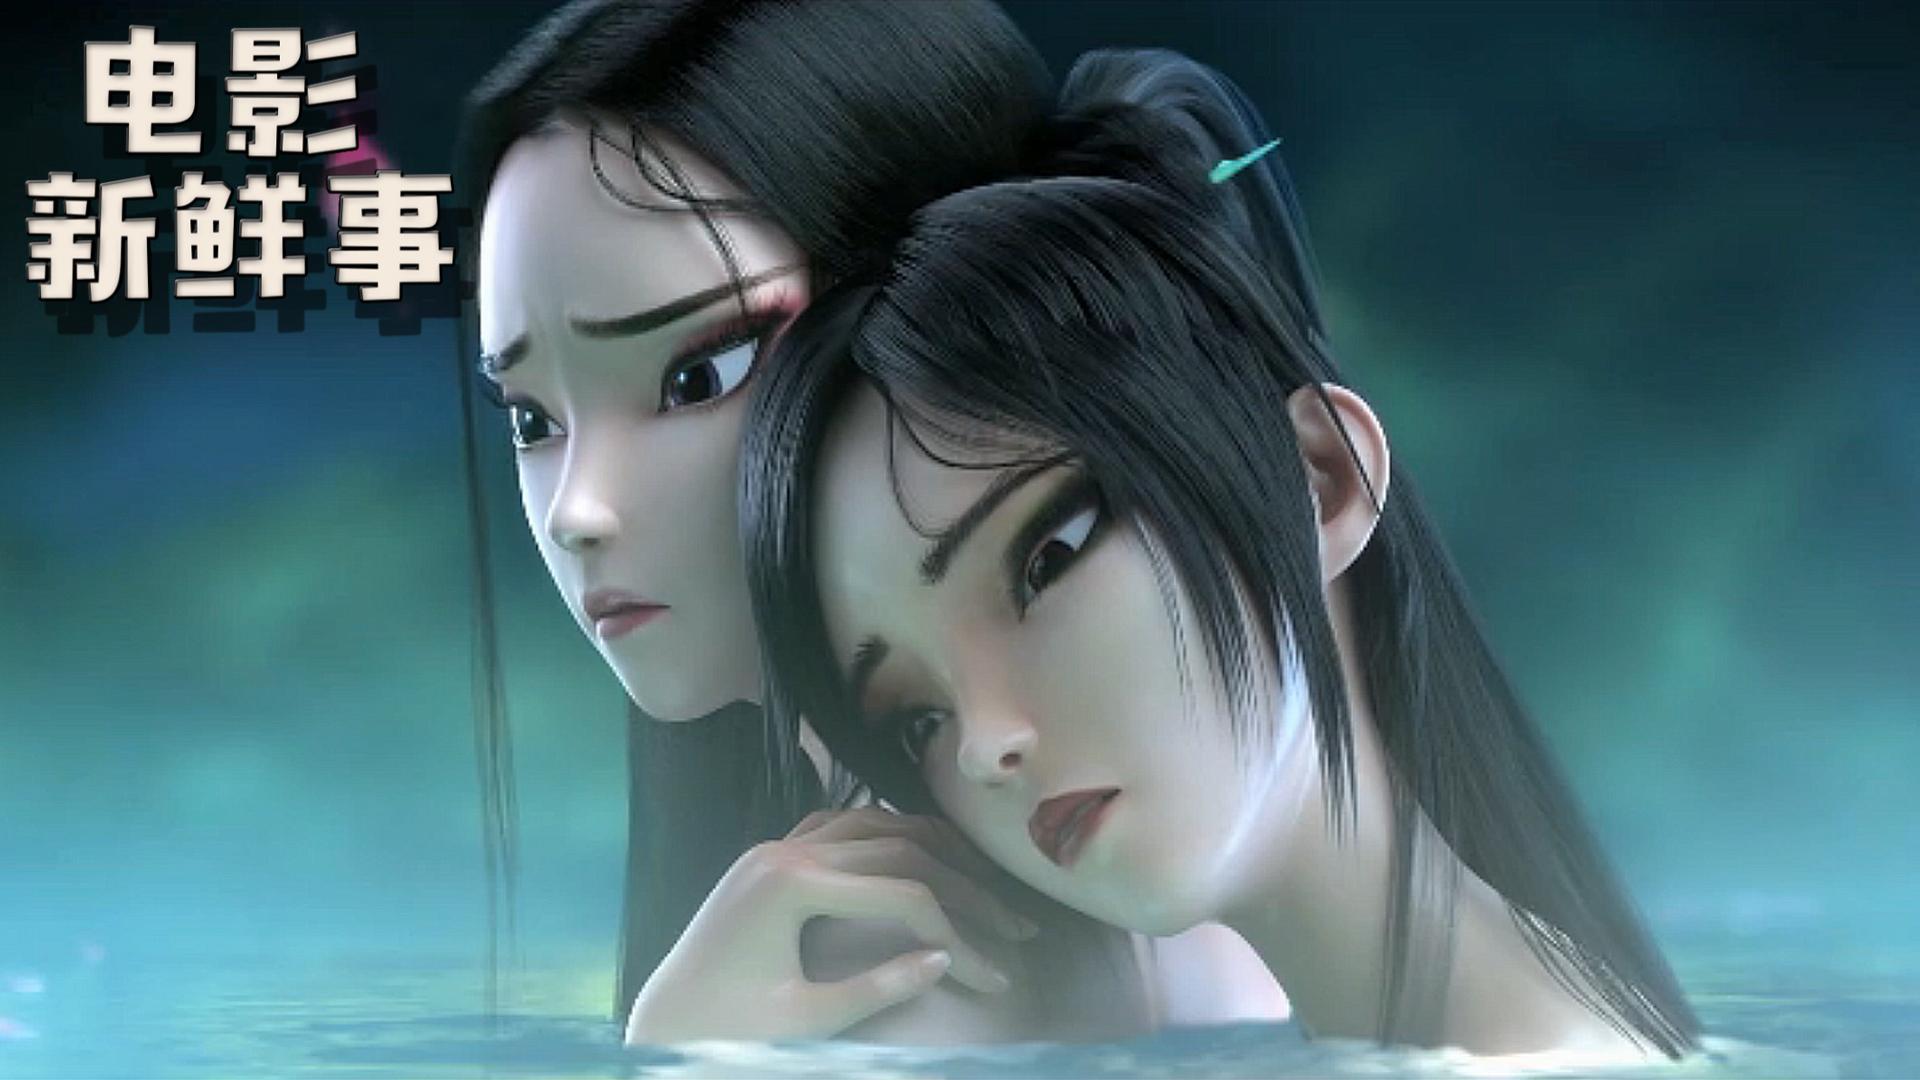 新鲜事:白蛇传动画电影定档,华纳出品让中国传说走向世界